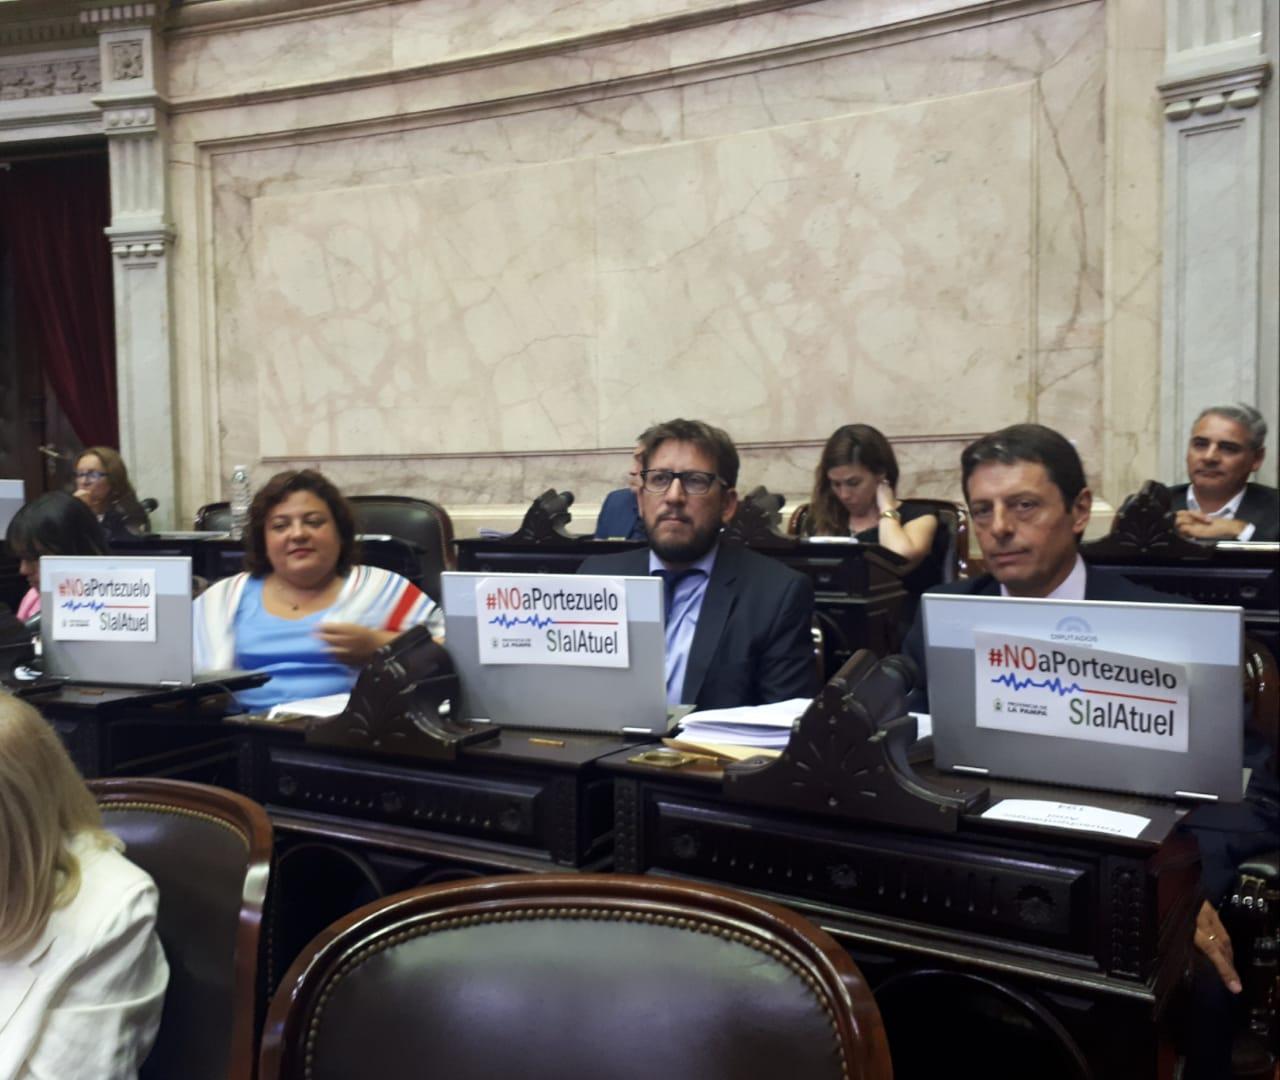 Diputados nacionales pampeanos mostraron en el Congreso su enojo por portezuelo tras el envío de fondos a Mendoza